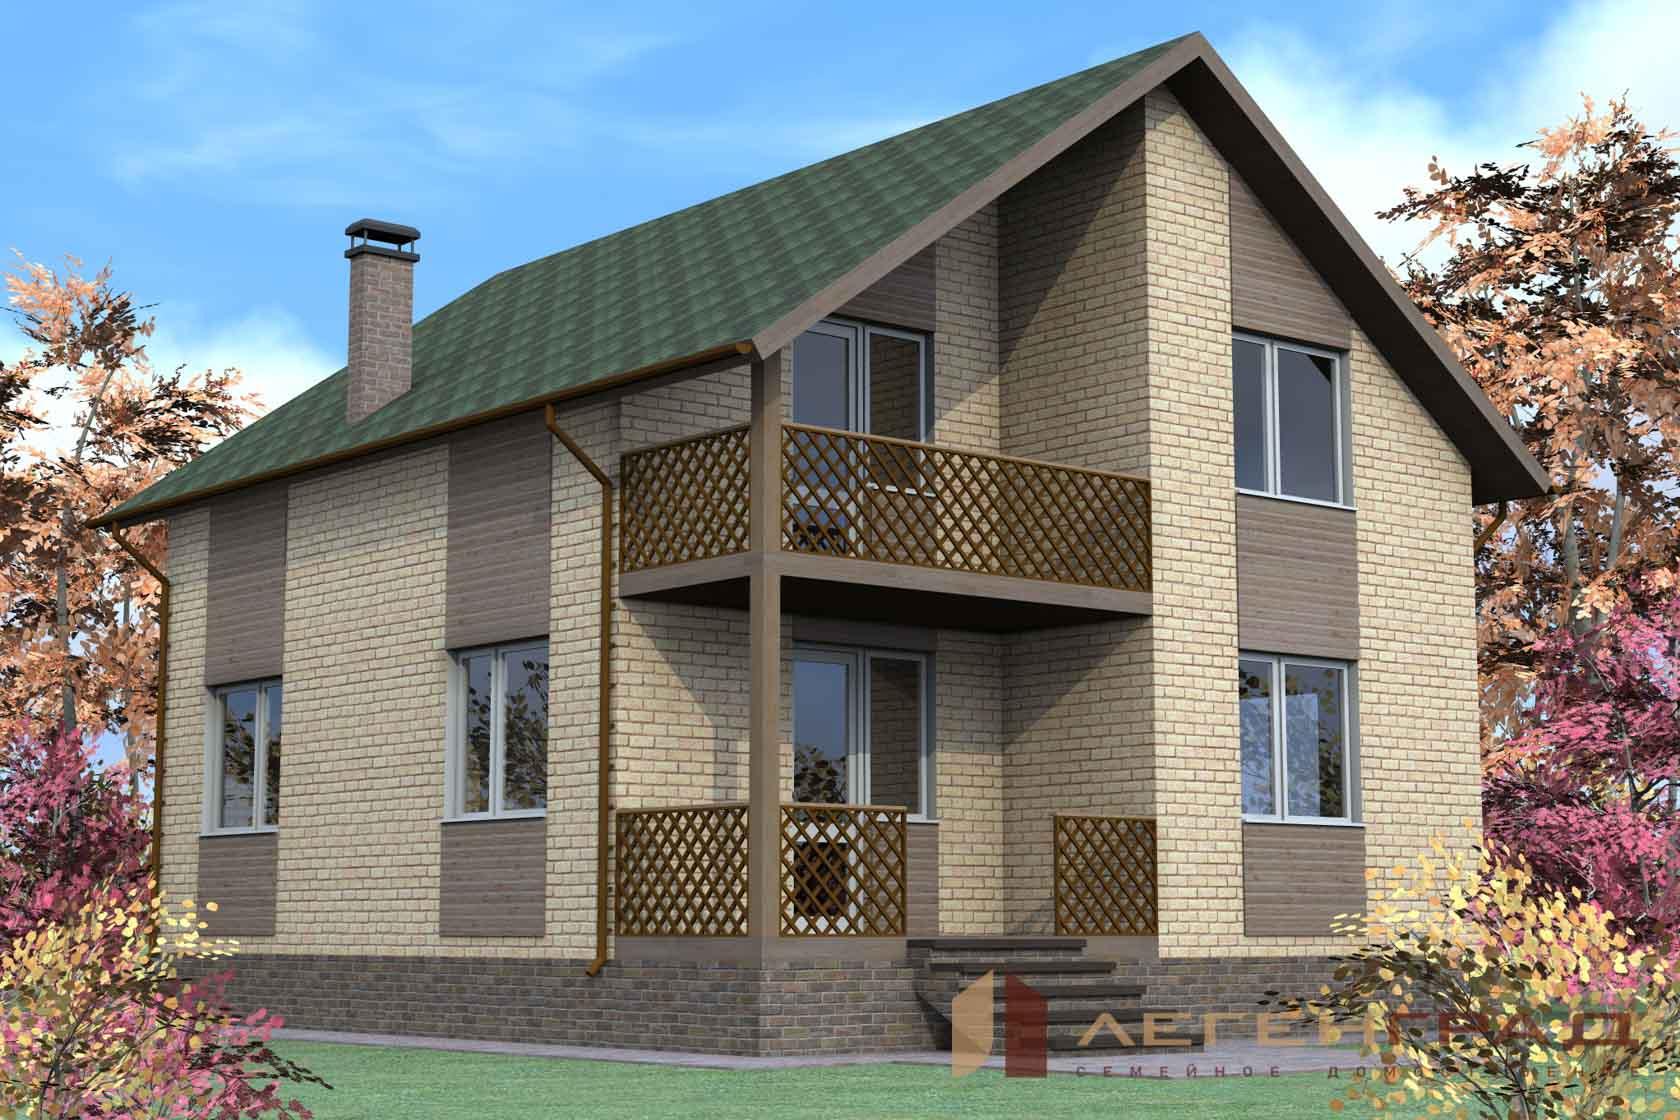 есть модели, фото домов с мансардной крышей из кирпича можете выбрать купить